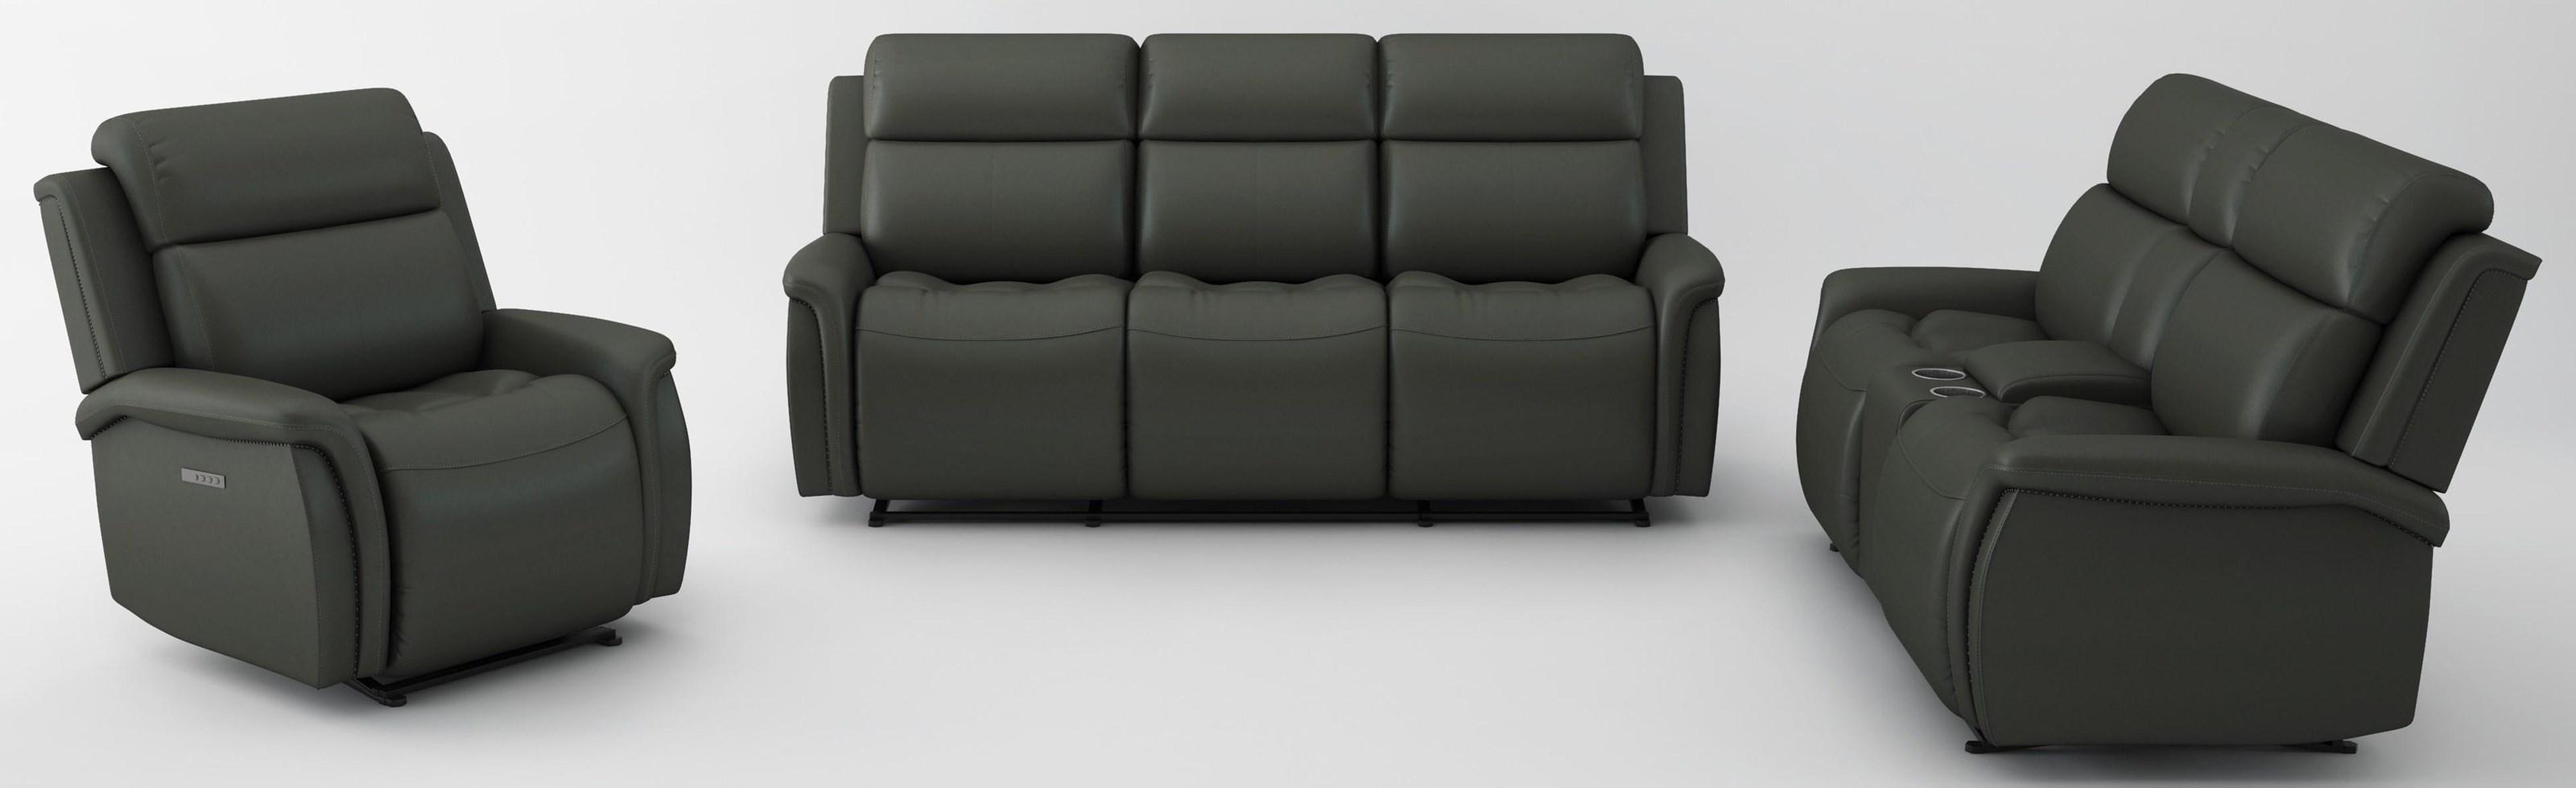 3 PC Power Headrest Living Room Set